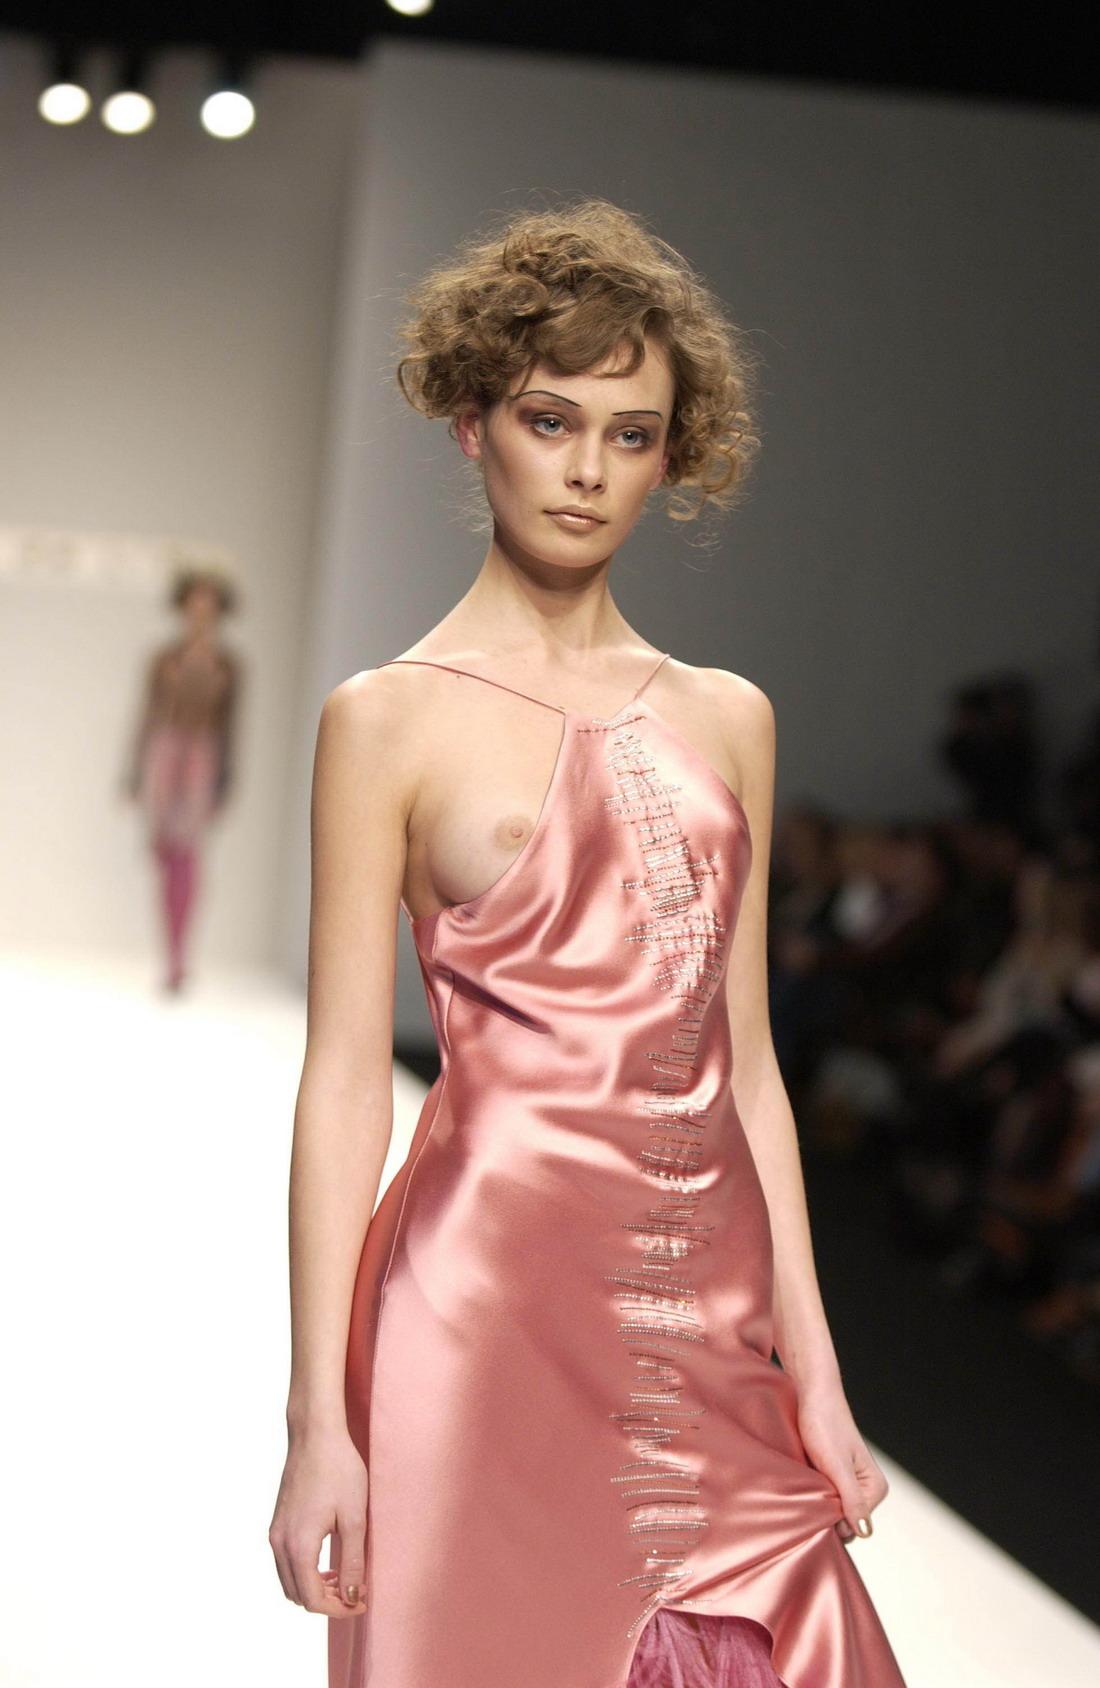 Голые на показе моды онлайн отличная